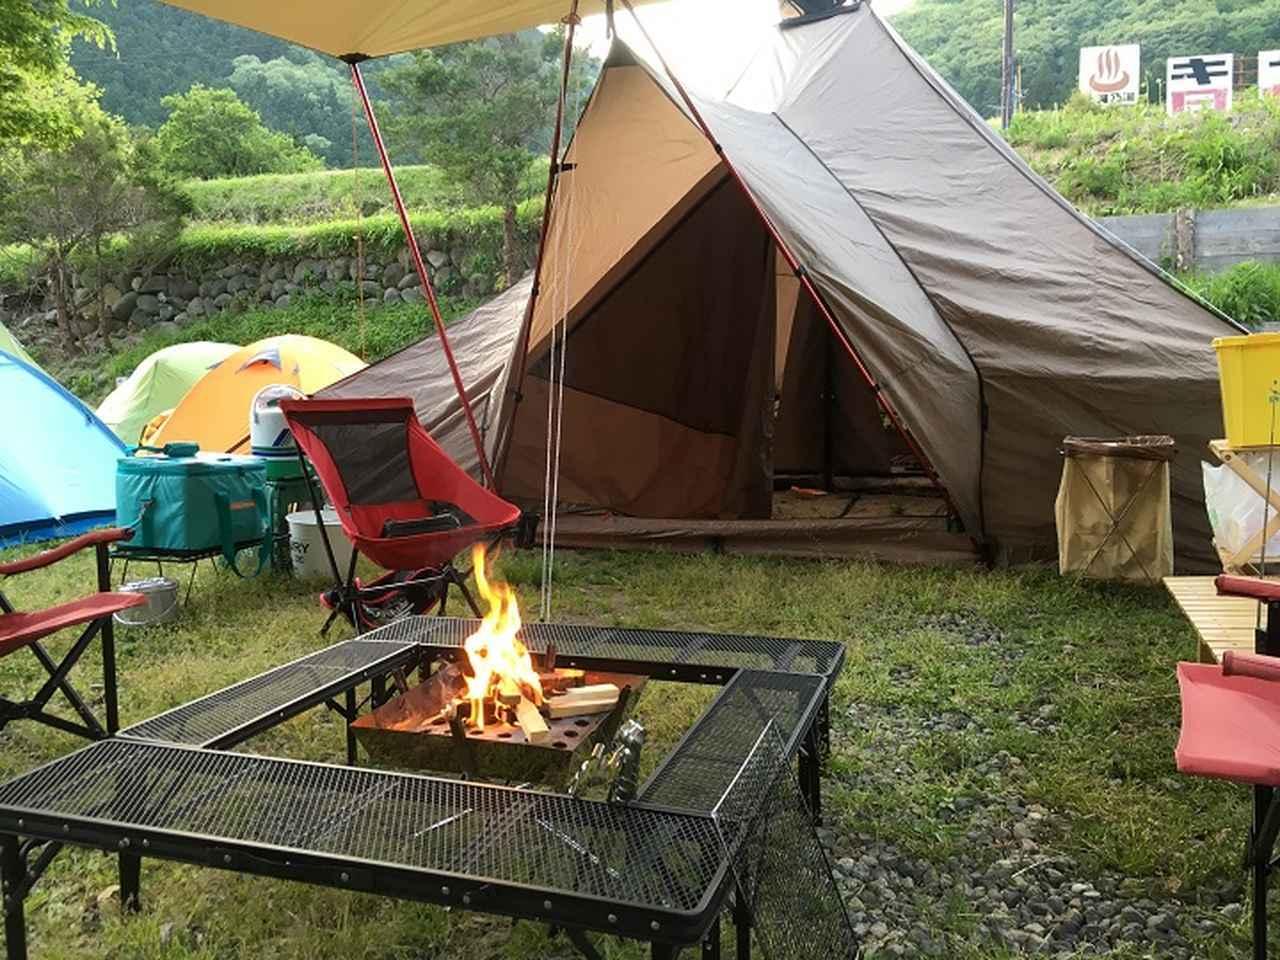 画像: キャンプデビュー!初心者が最初に買うべき道具と気になる総費用を公開 - ハピキャン(HAPPY CAMPER)